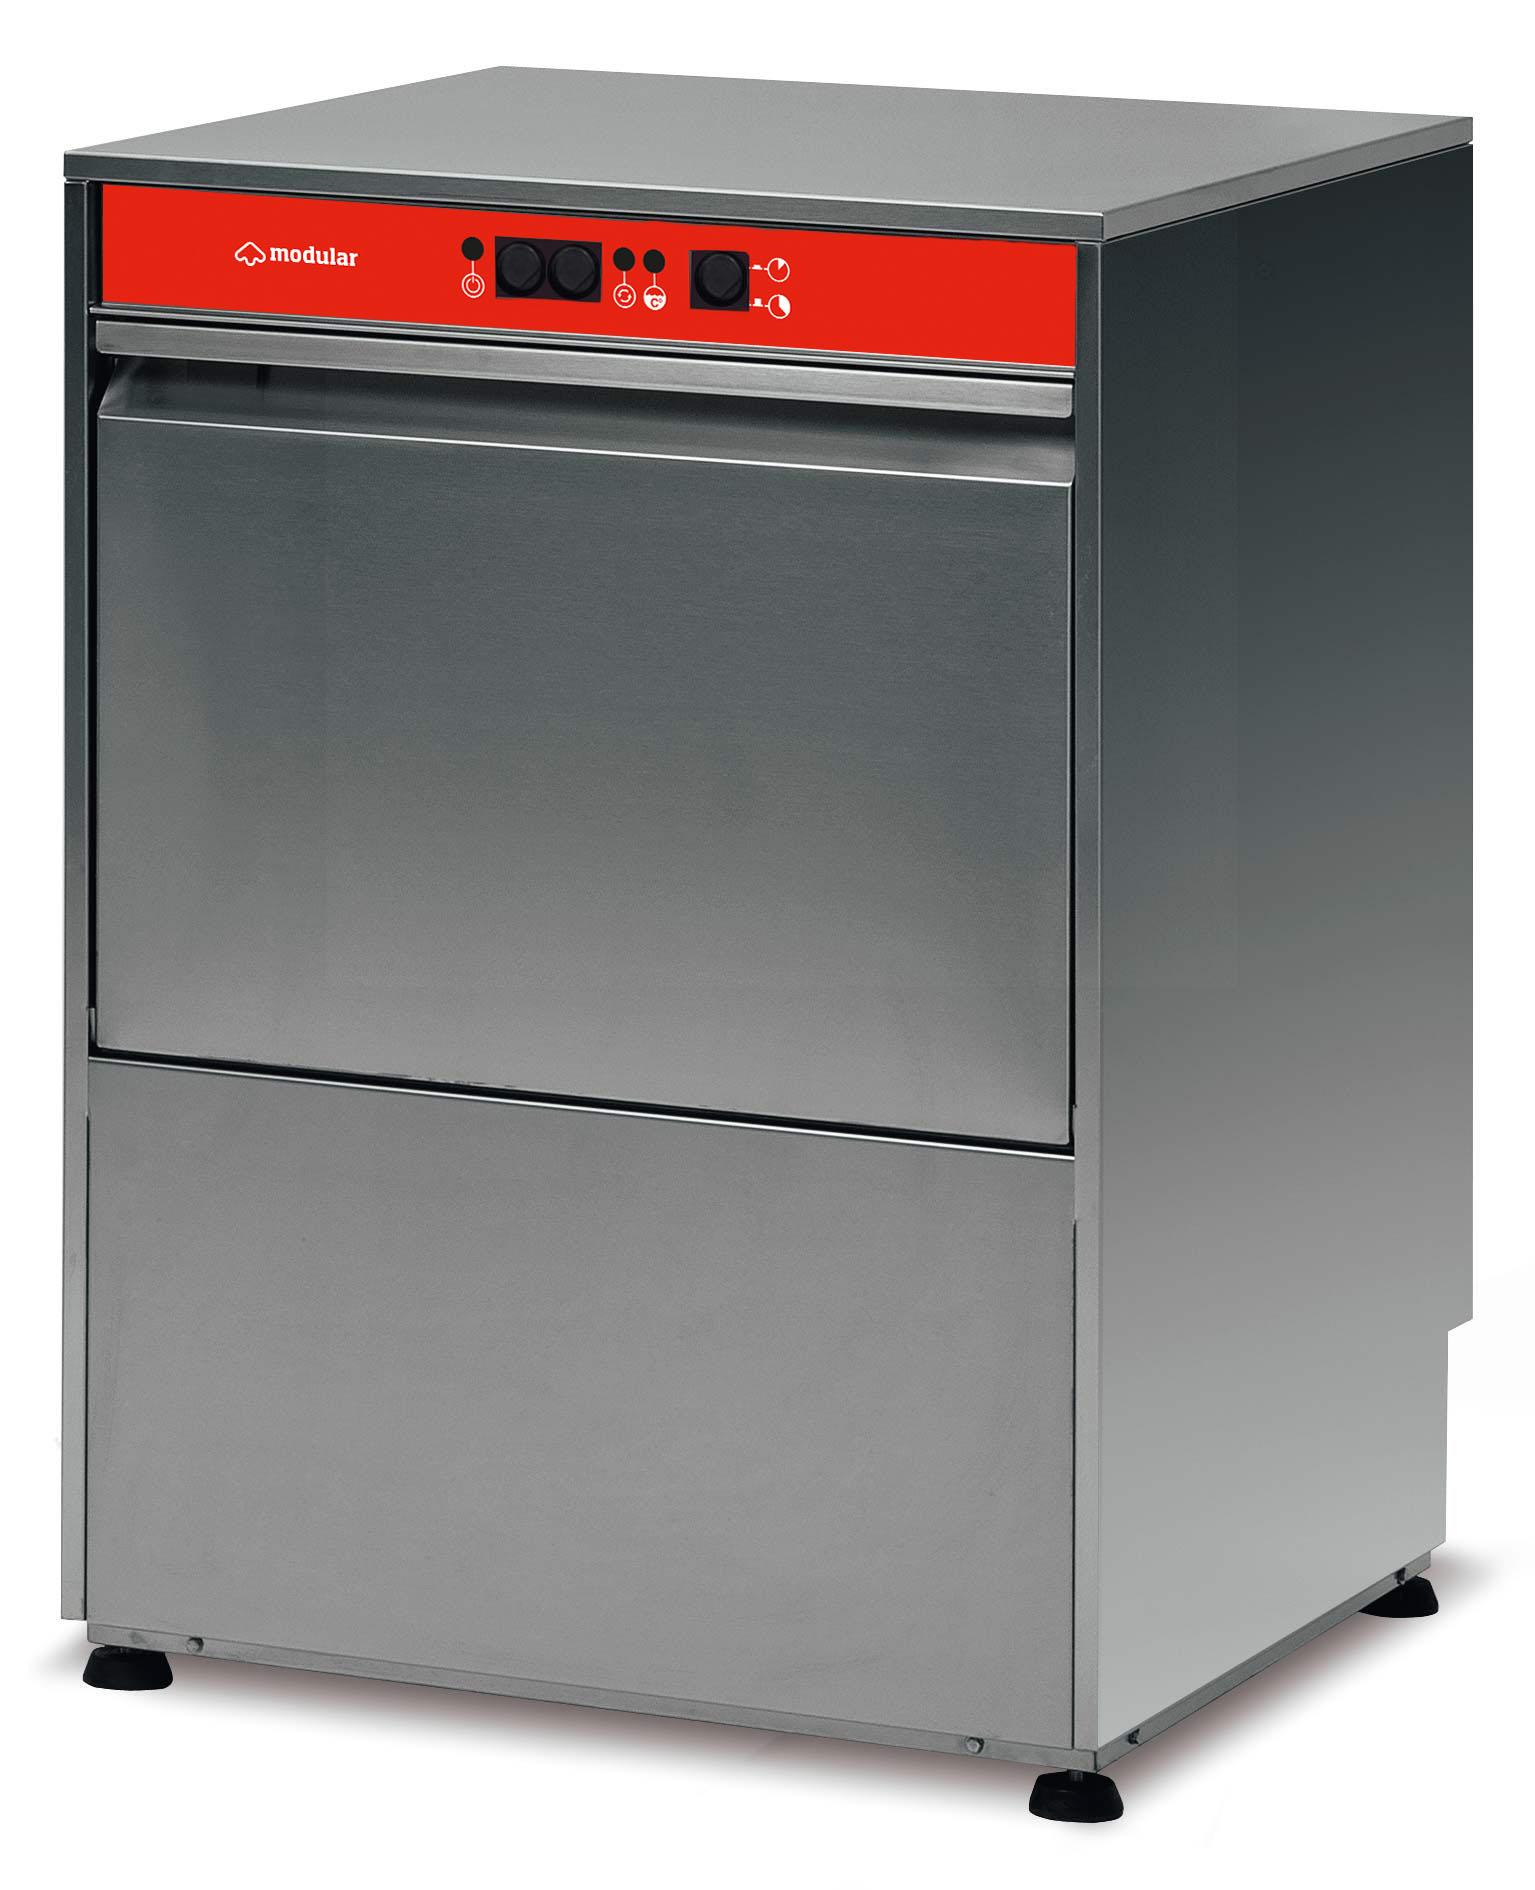 Электромеханические посудомоечные машины DW